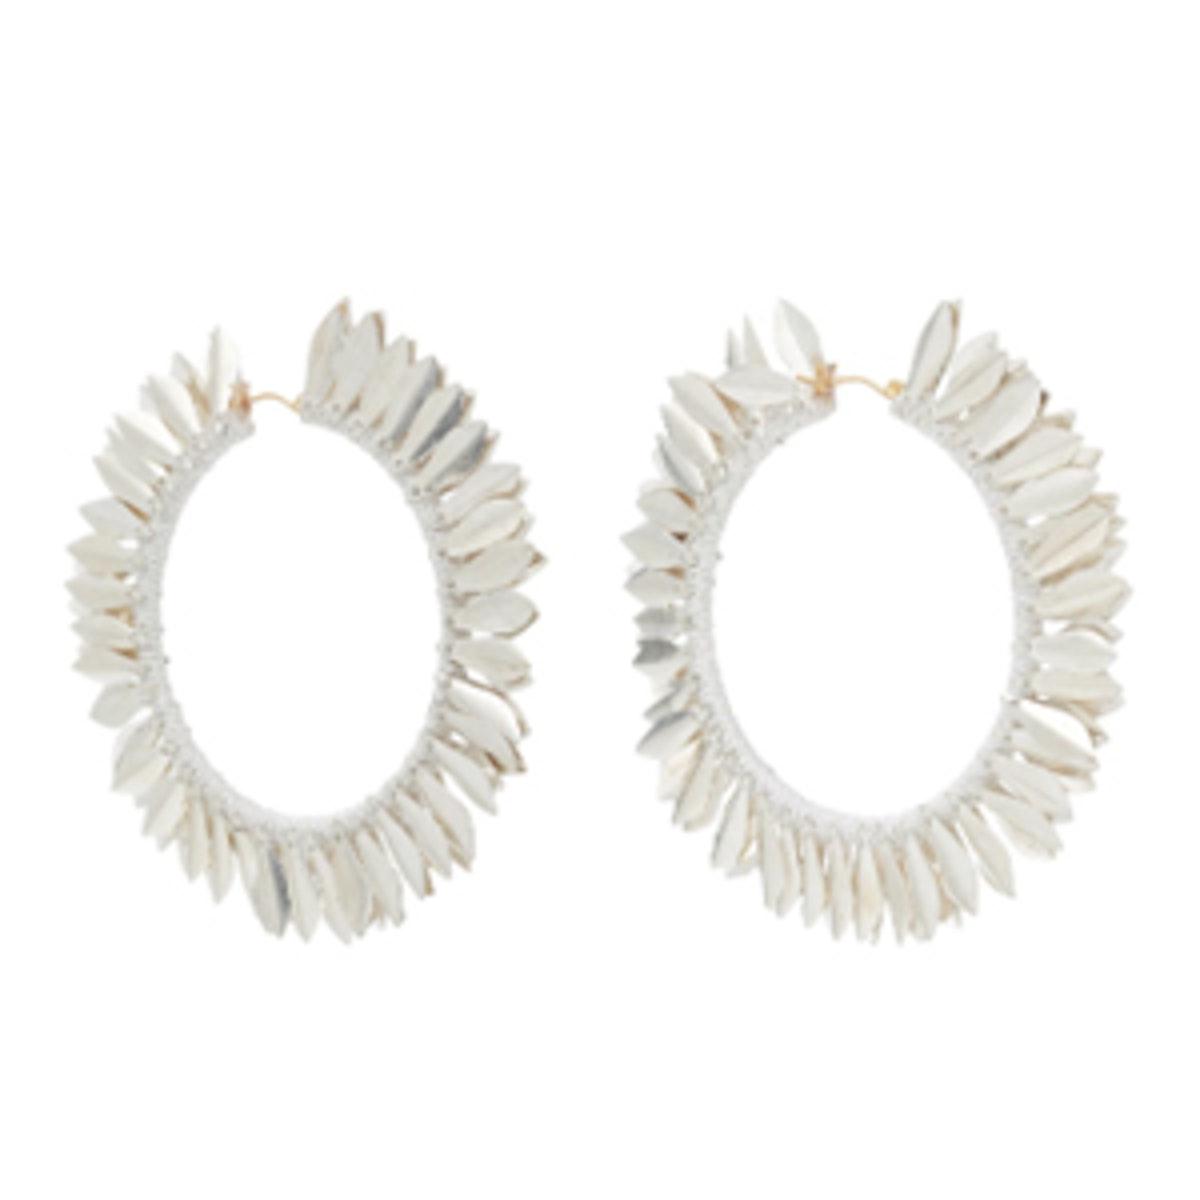 Metal Petal Hoop Earrings